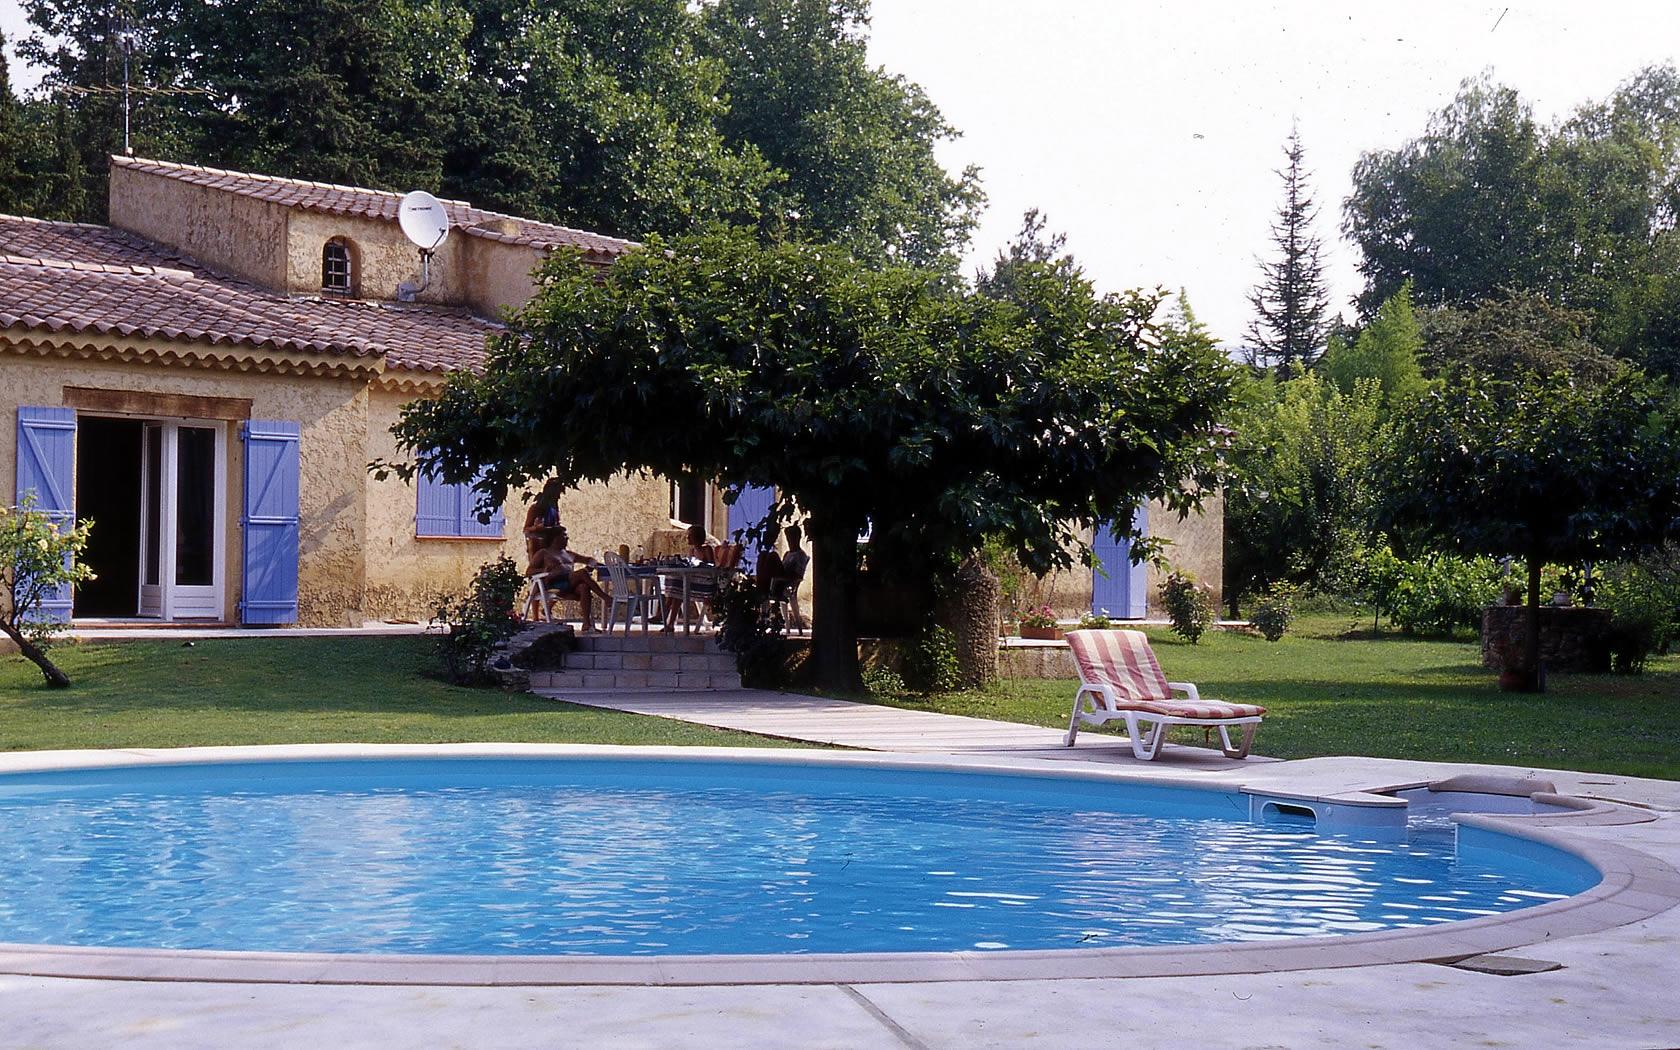 Piscina rosalie piscine waterair del taglia piscine piscine interrate per privati - Quanto costa piscina interrata ...